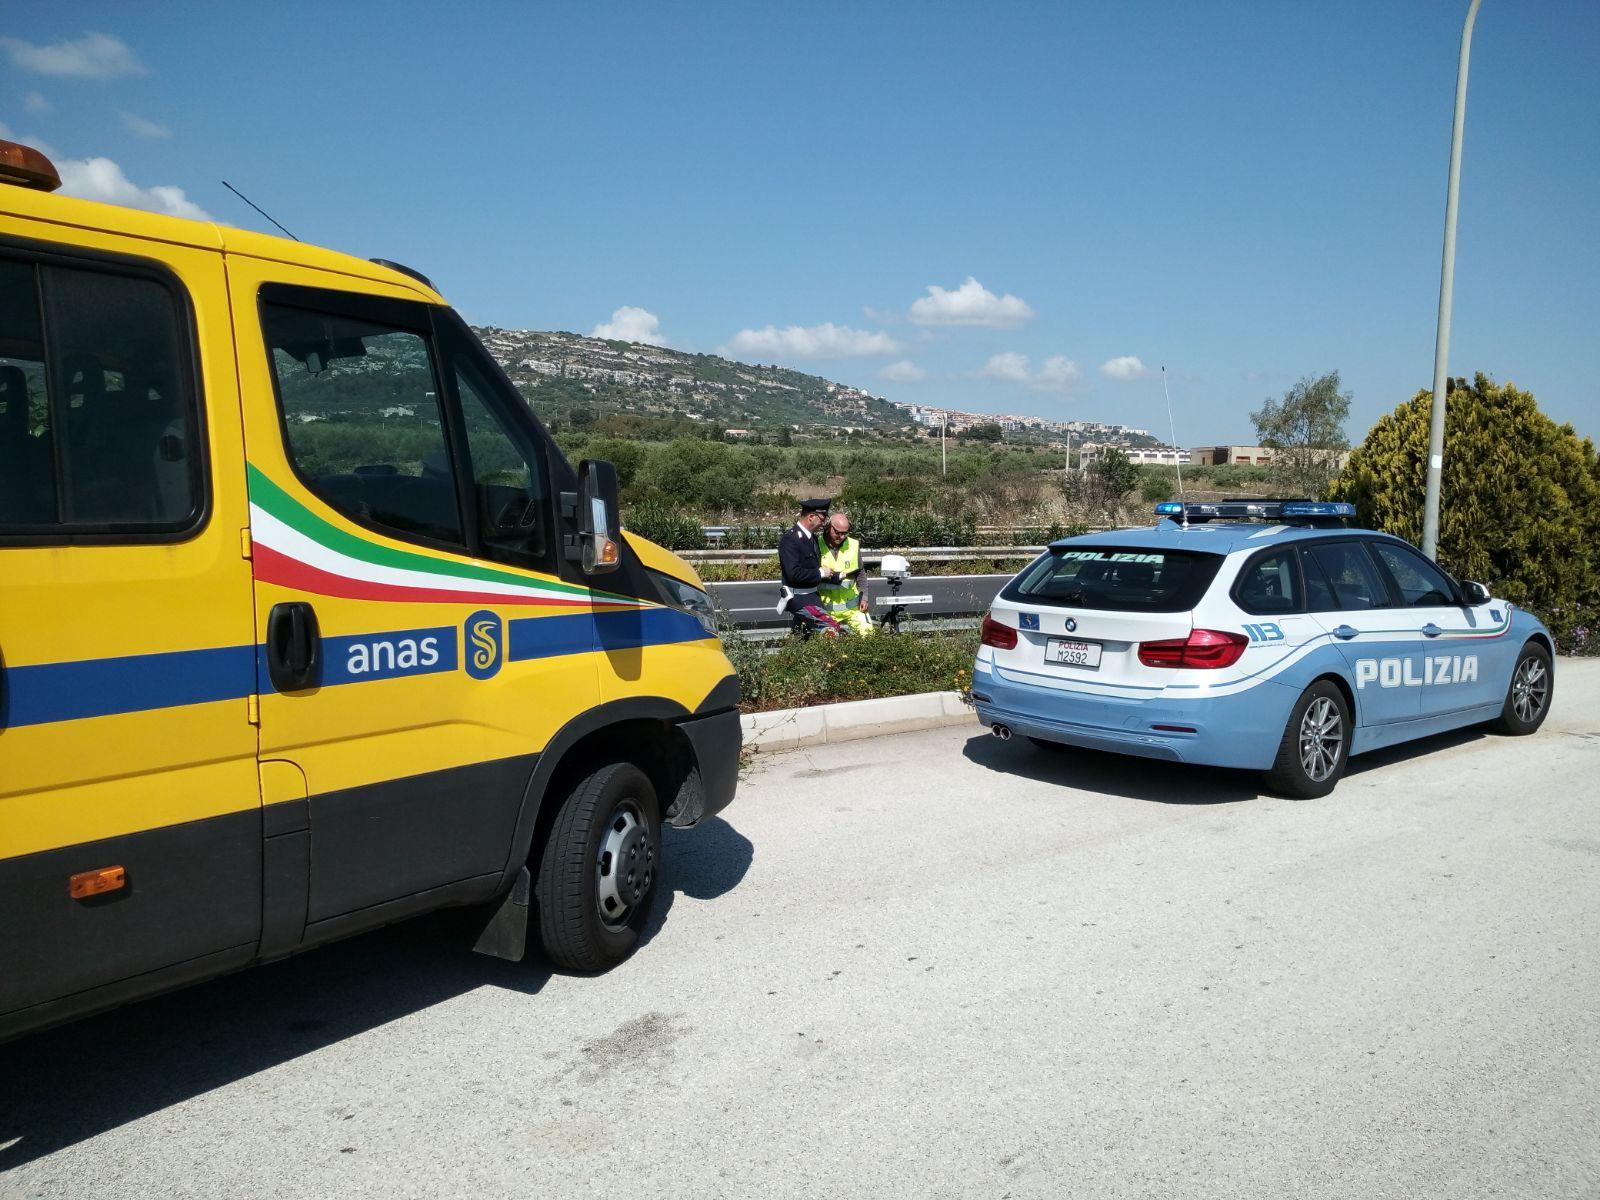 SICILIA, ANAS: CONSEGNATO UN APPARECCHIO AUTOVELOX DI ULTIMA GENERAZIONE ALLA POLIZIA STRADALE DI SIRACUSA